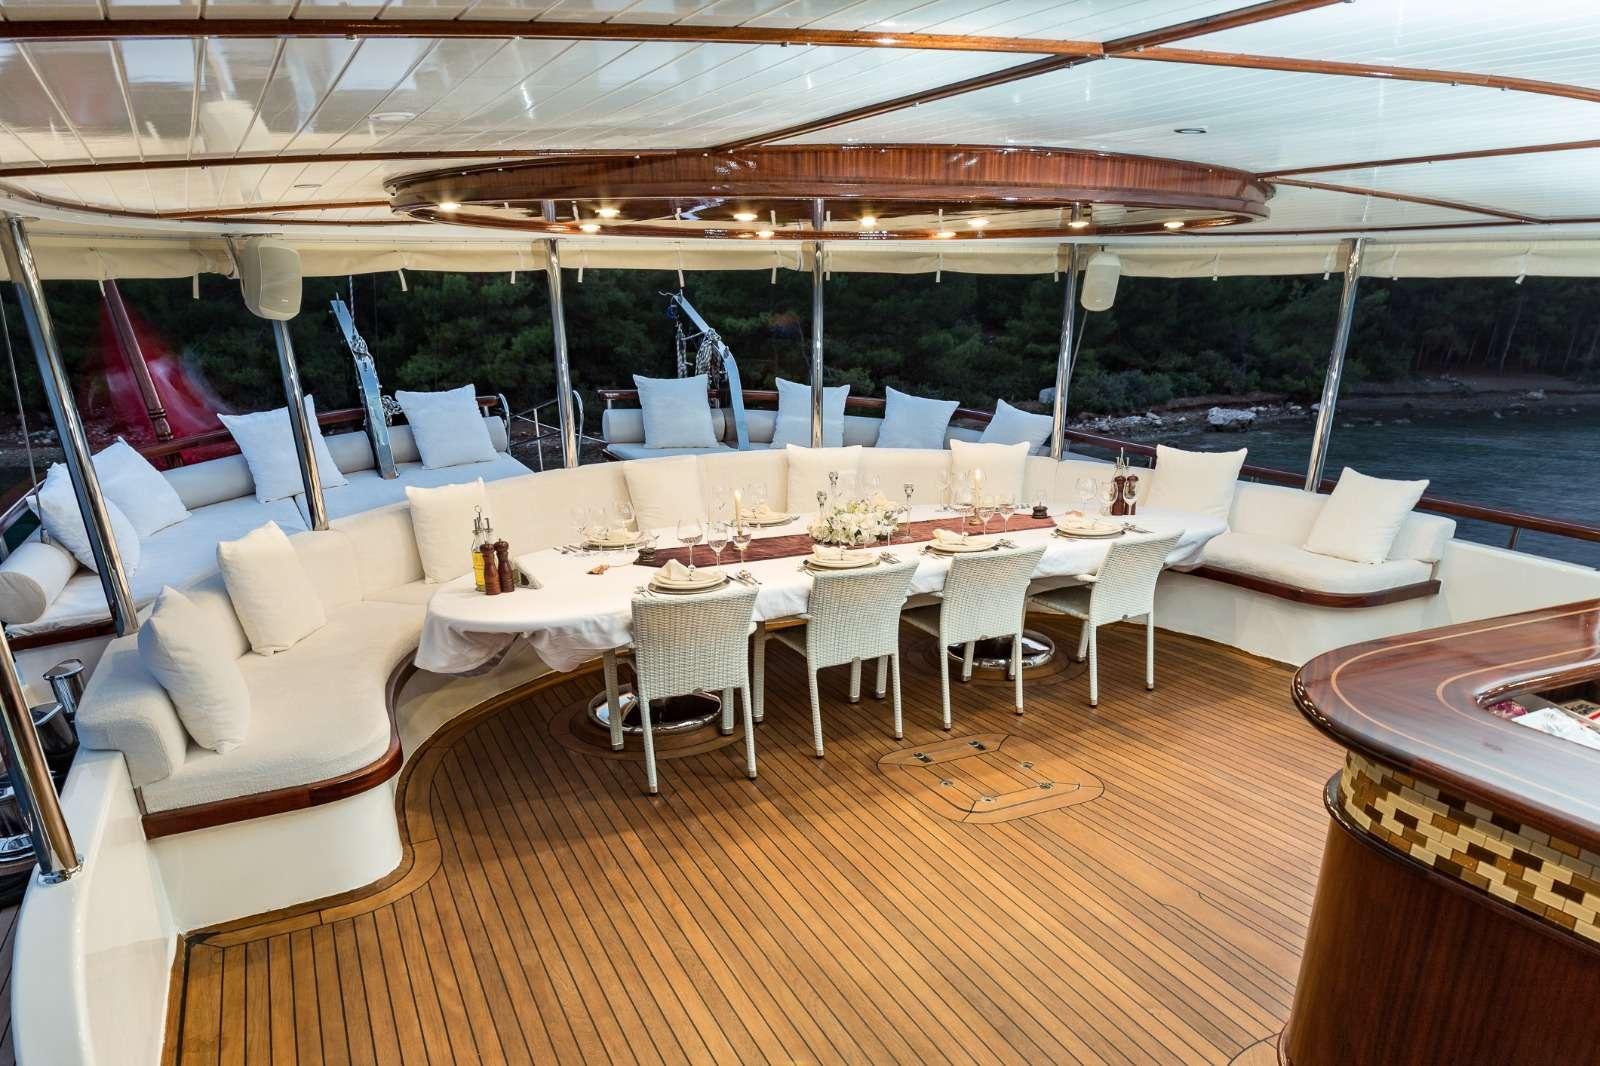 HALCON DEL MAR yacht image # 3